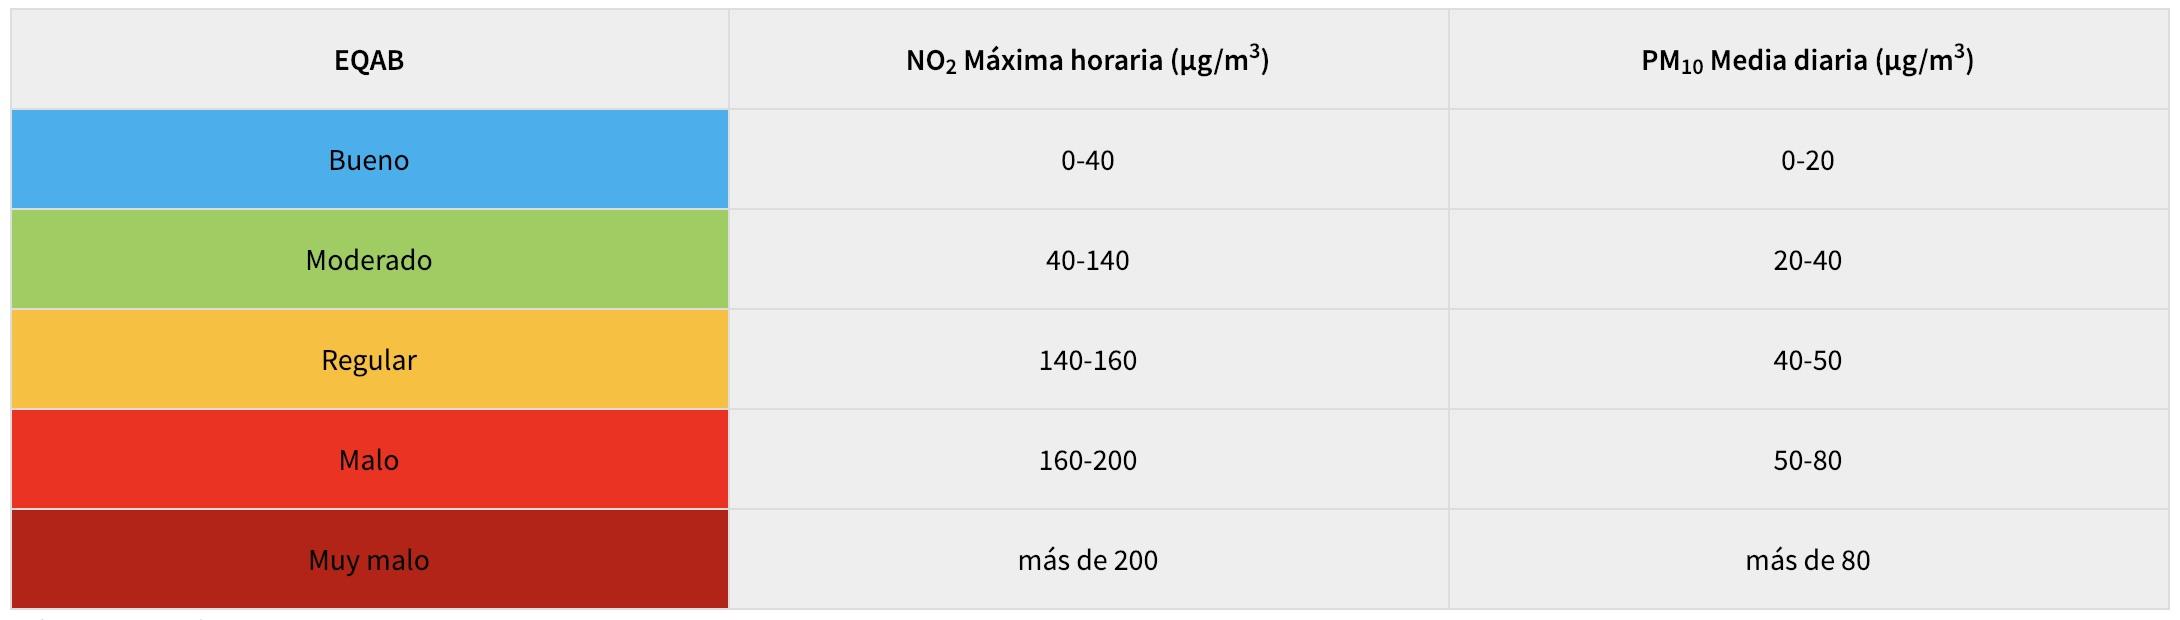 tabla contaminación aire